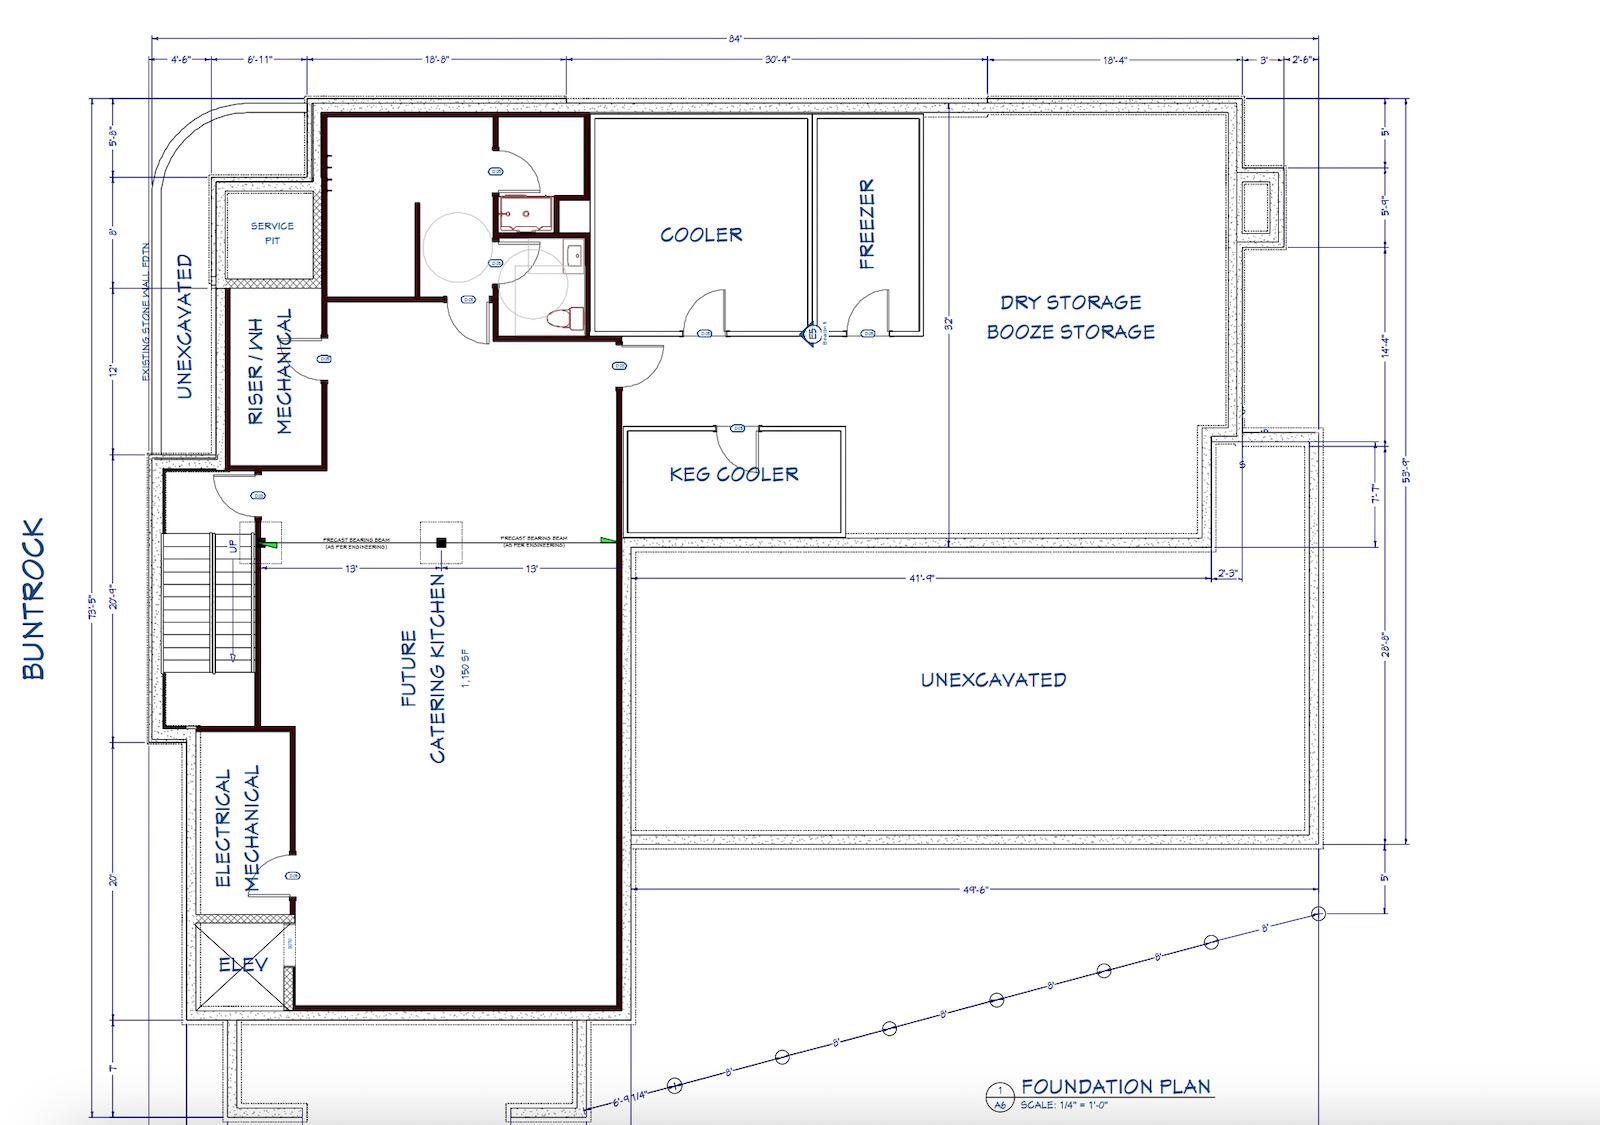 Commercial kitchen drawn plan